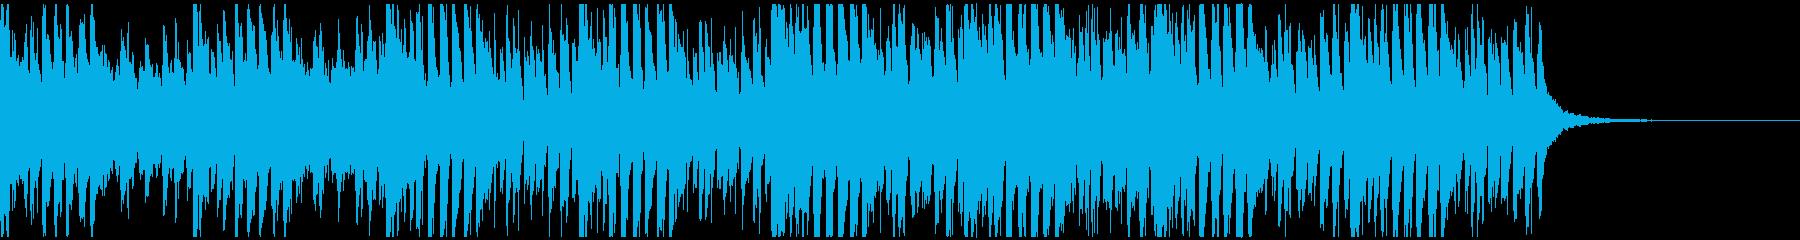 ゲームミュージック/ダークファンタジーの再生済みの波形